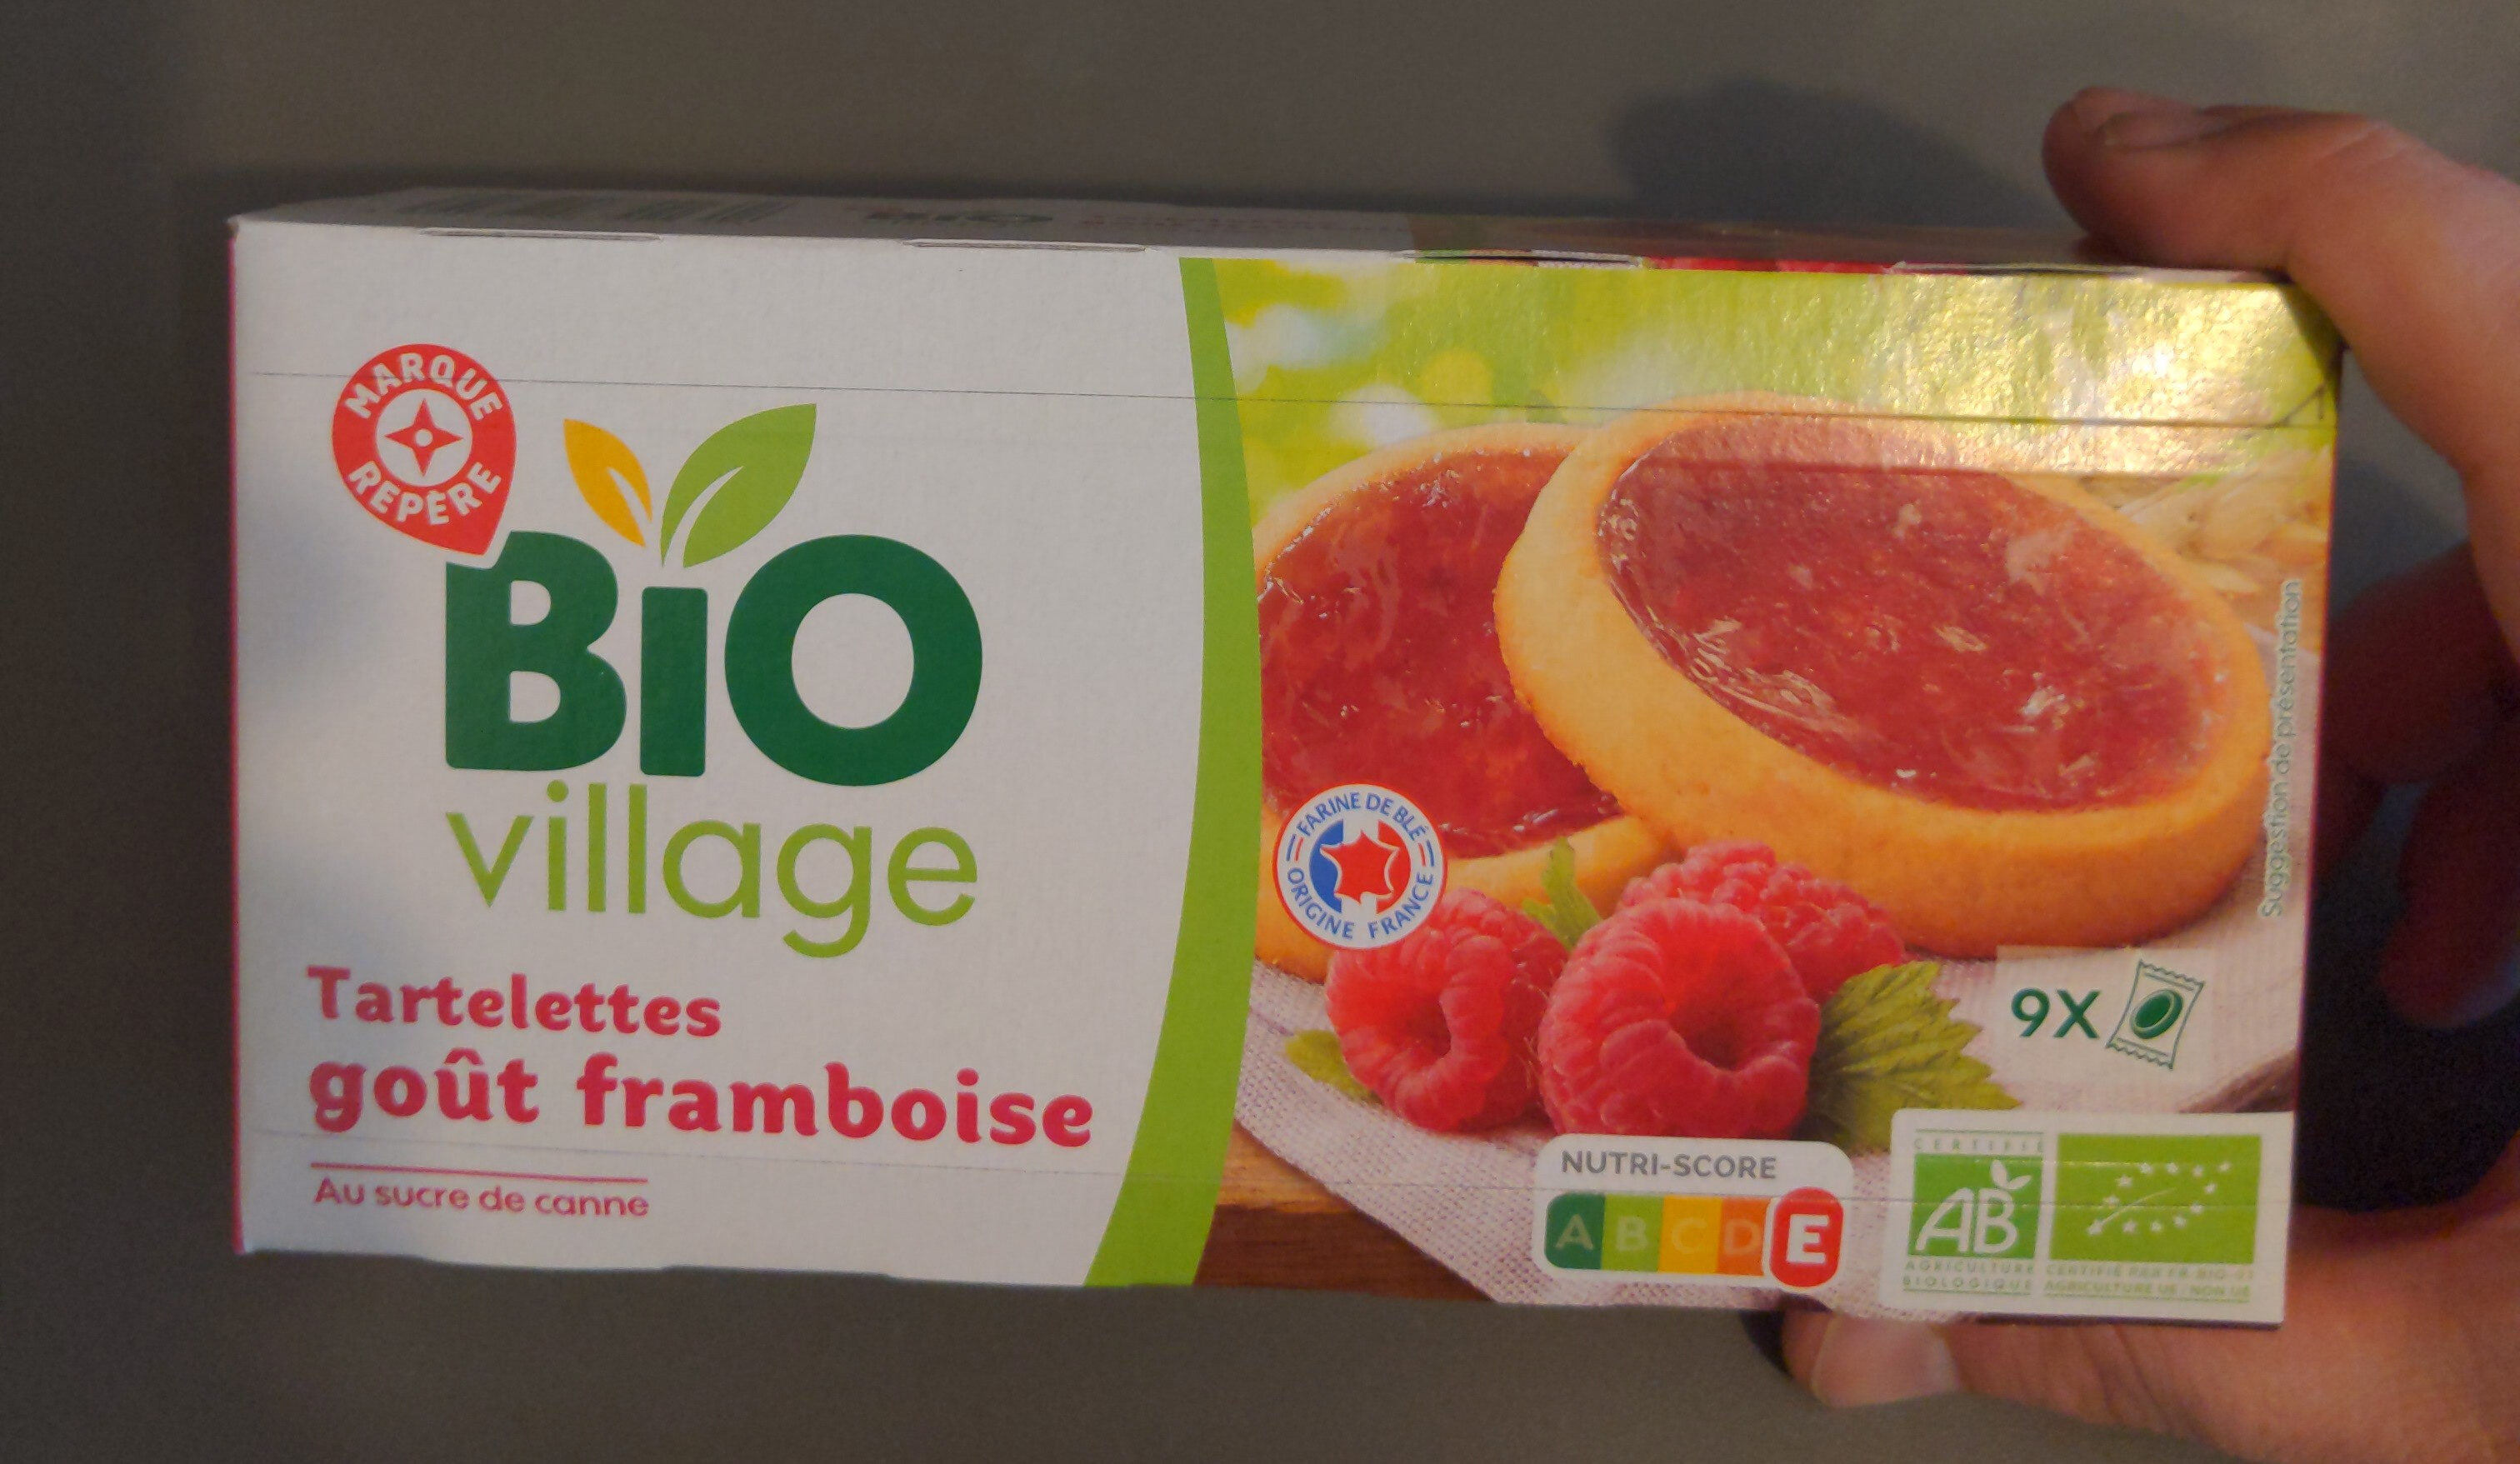 Tartelettes framboise - Produit - fr